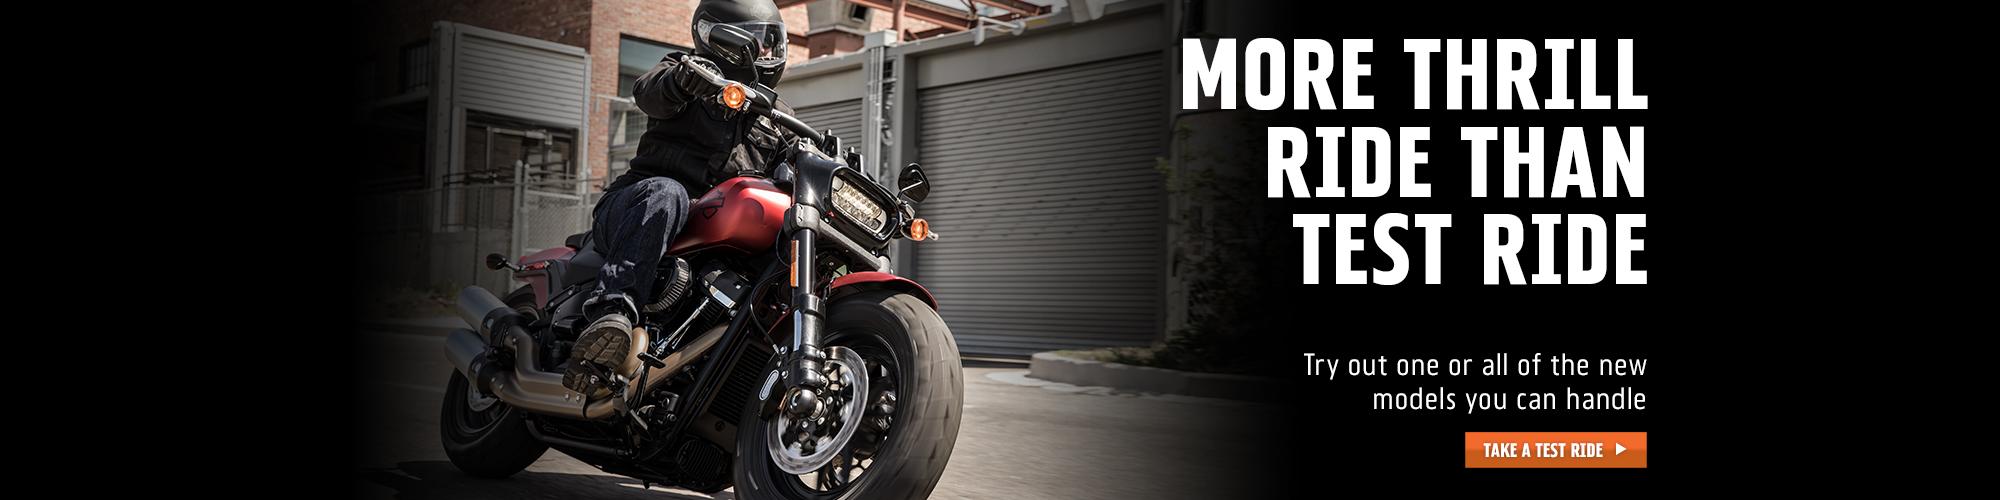 Harley-Davidson More Thrill Than Test Ride at Bull Falls Harley-Davidson